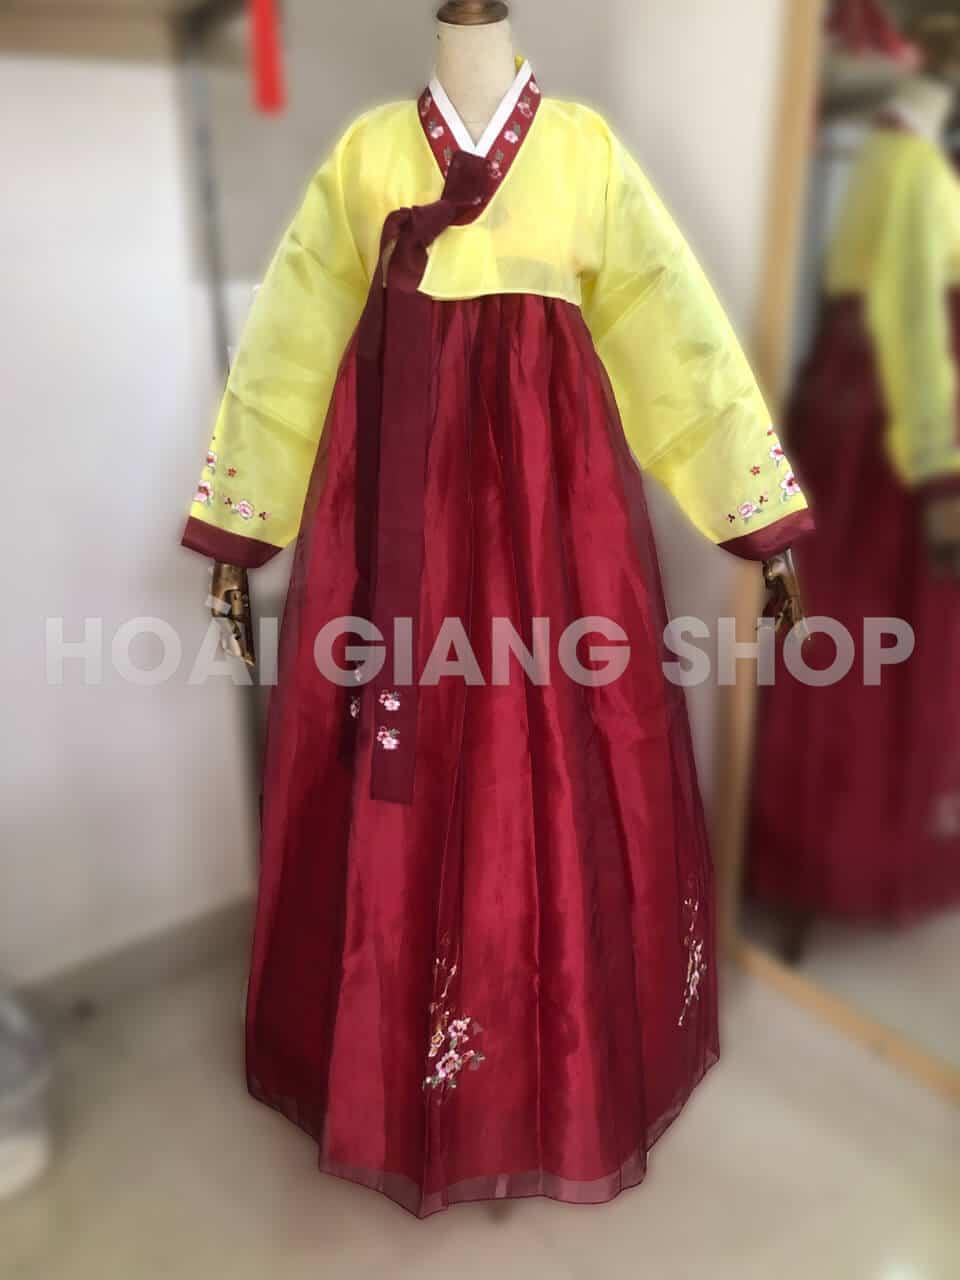 mua hanbok hàn quốc ở đâu